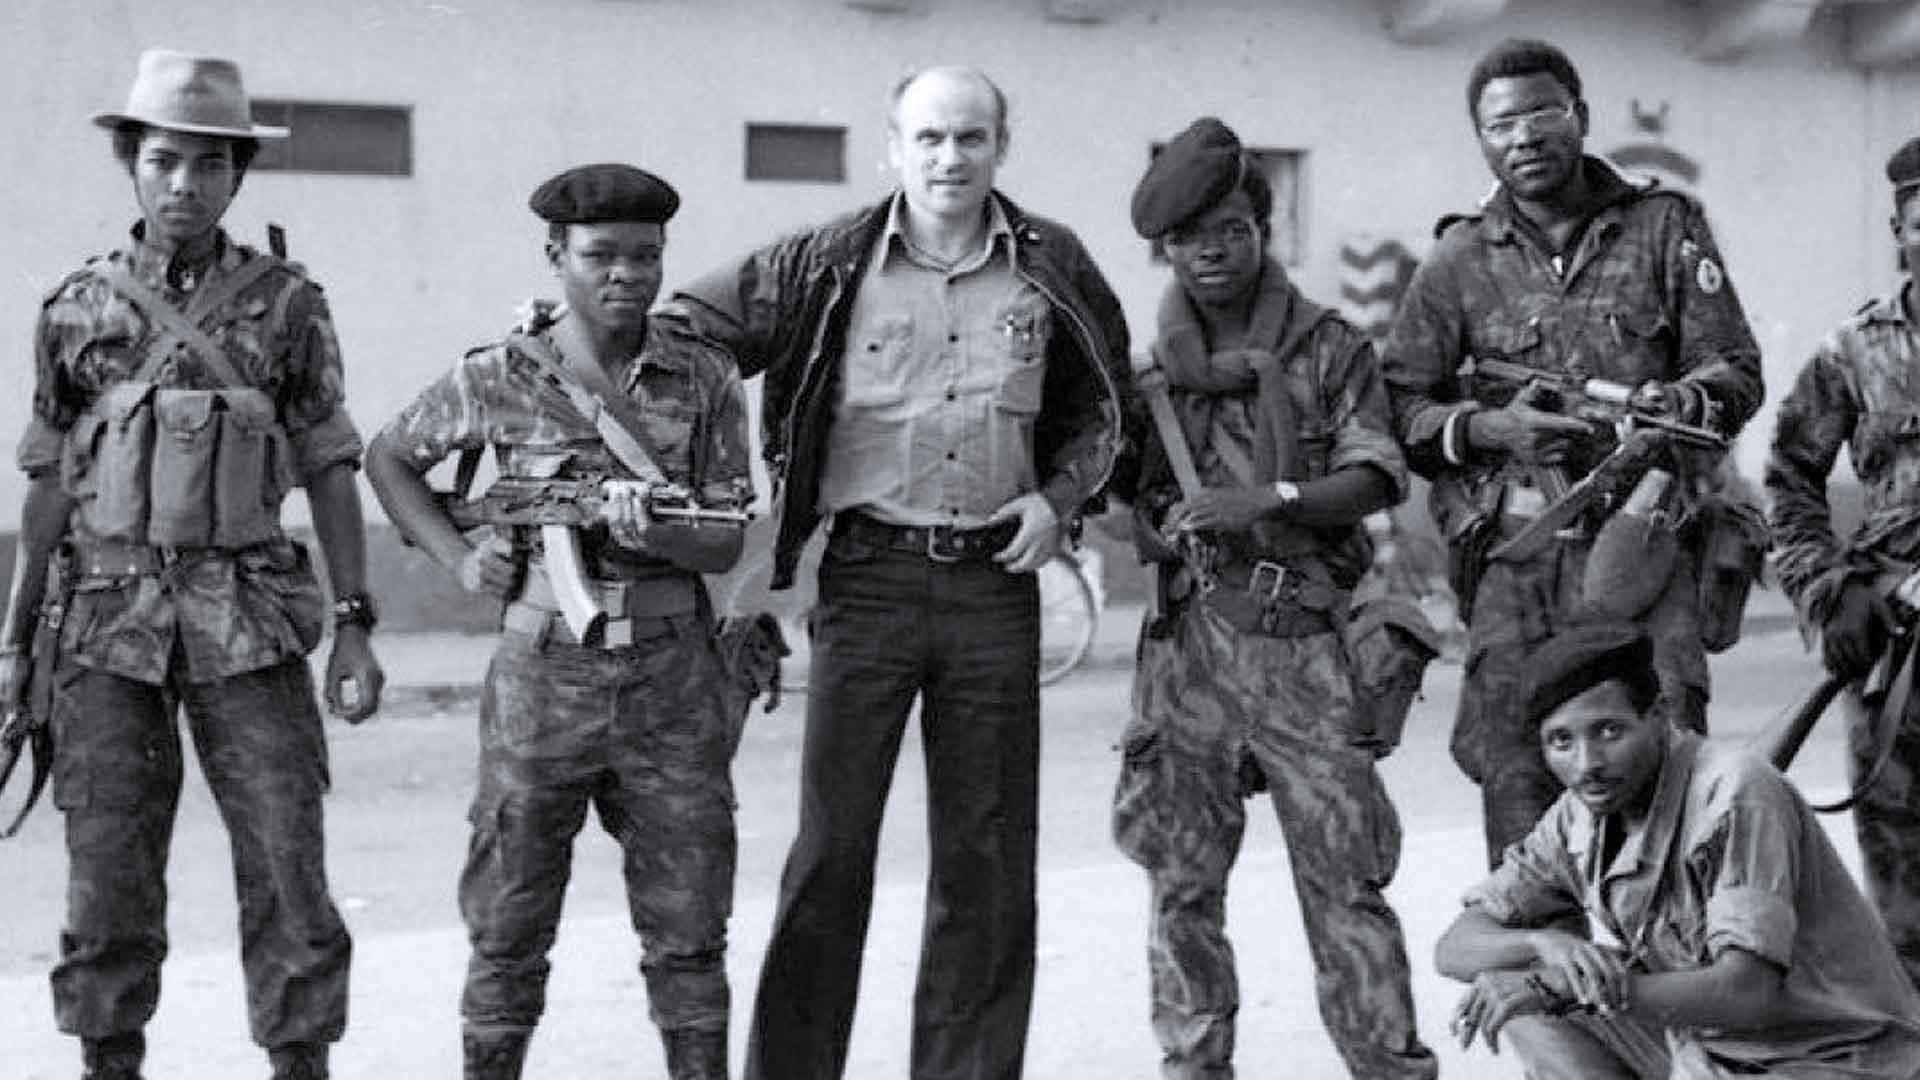 Ryszard Kapuscinski in Africa